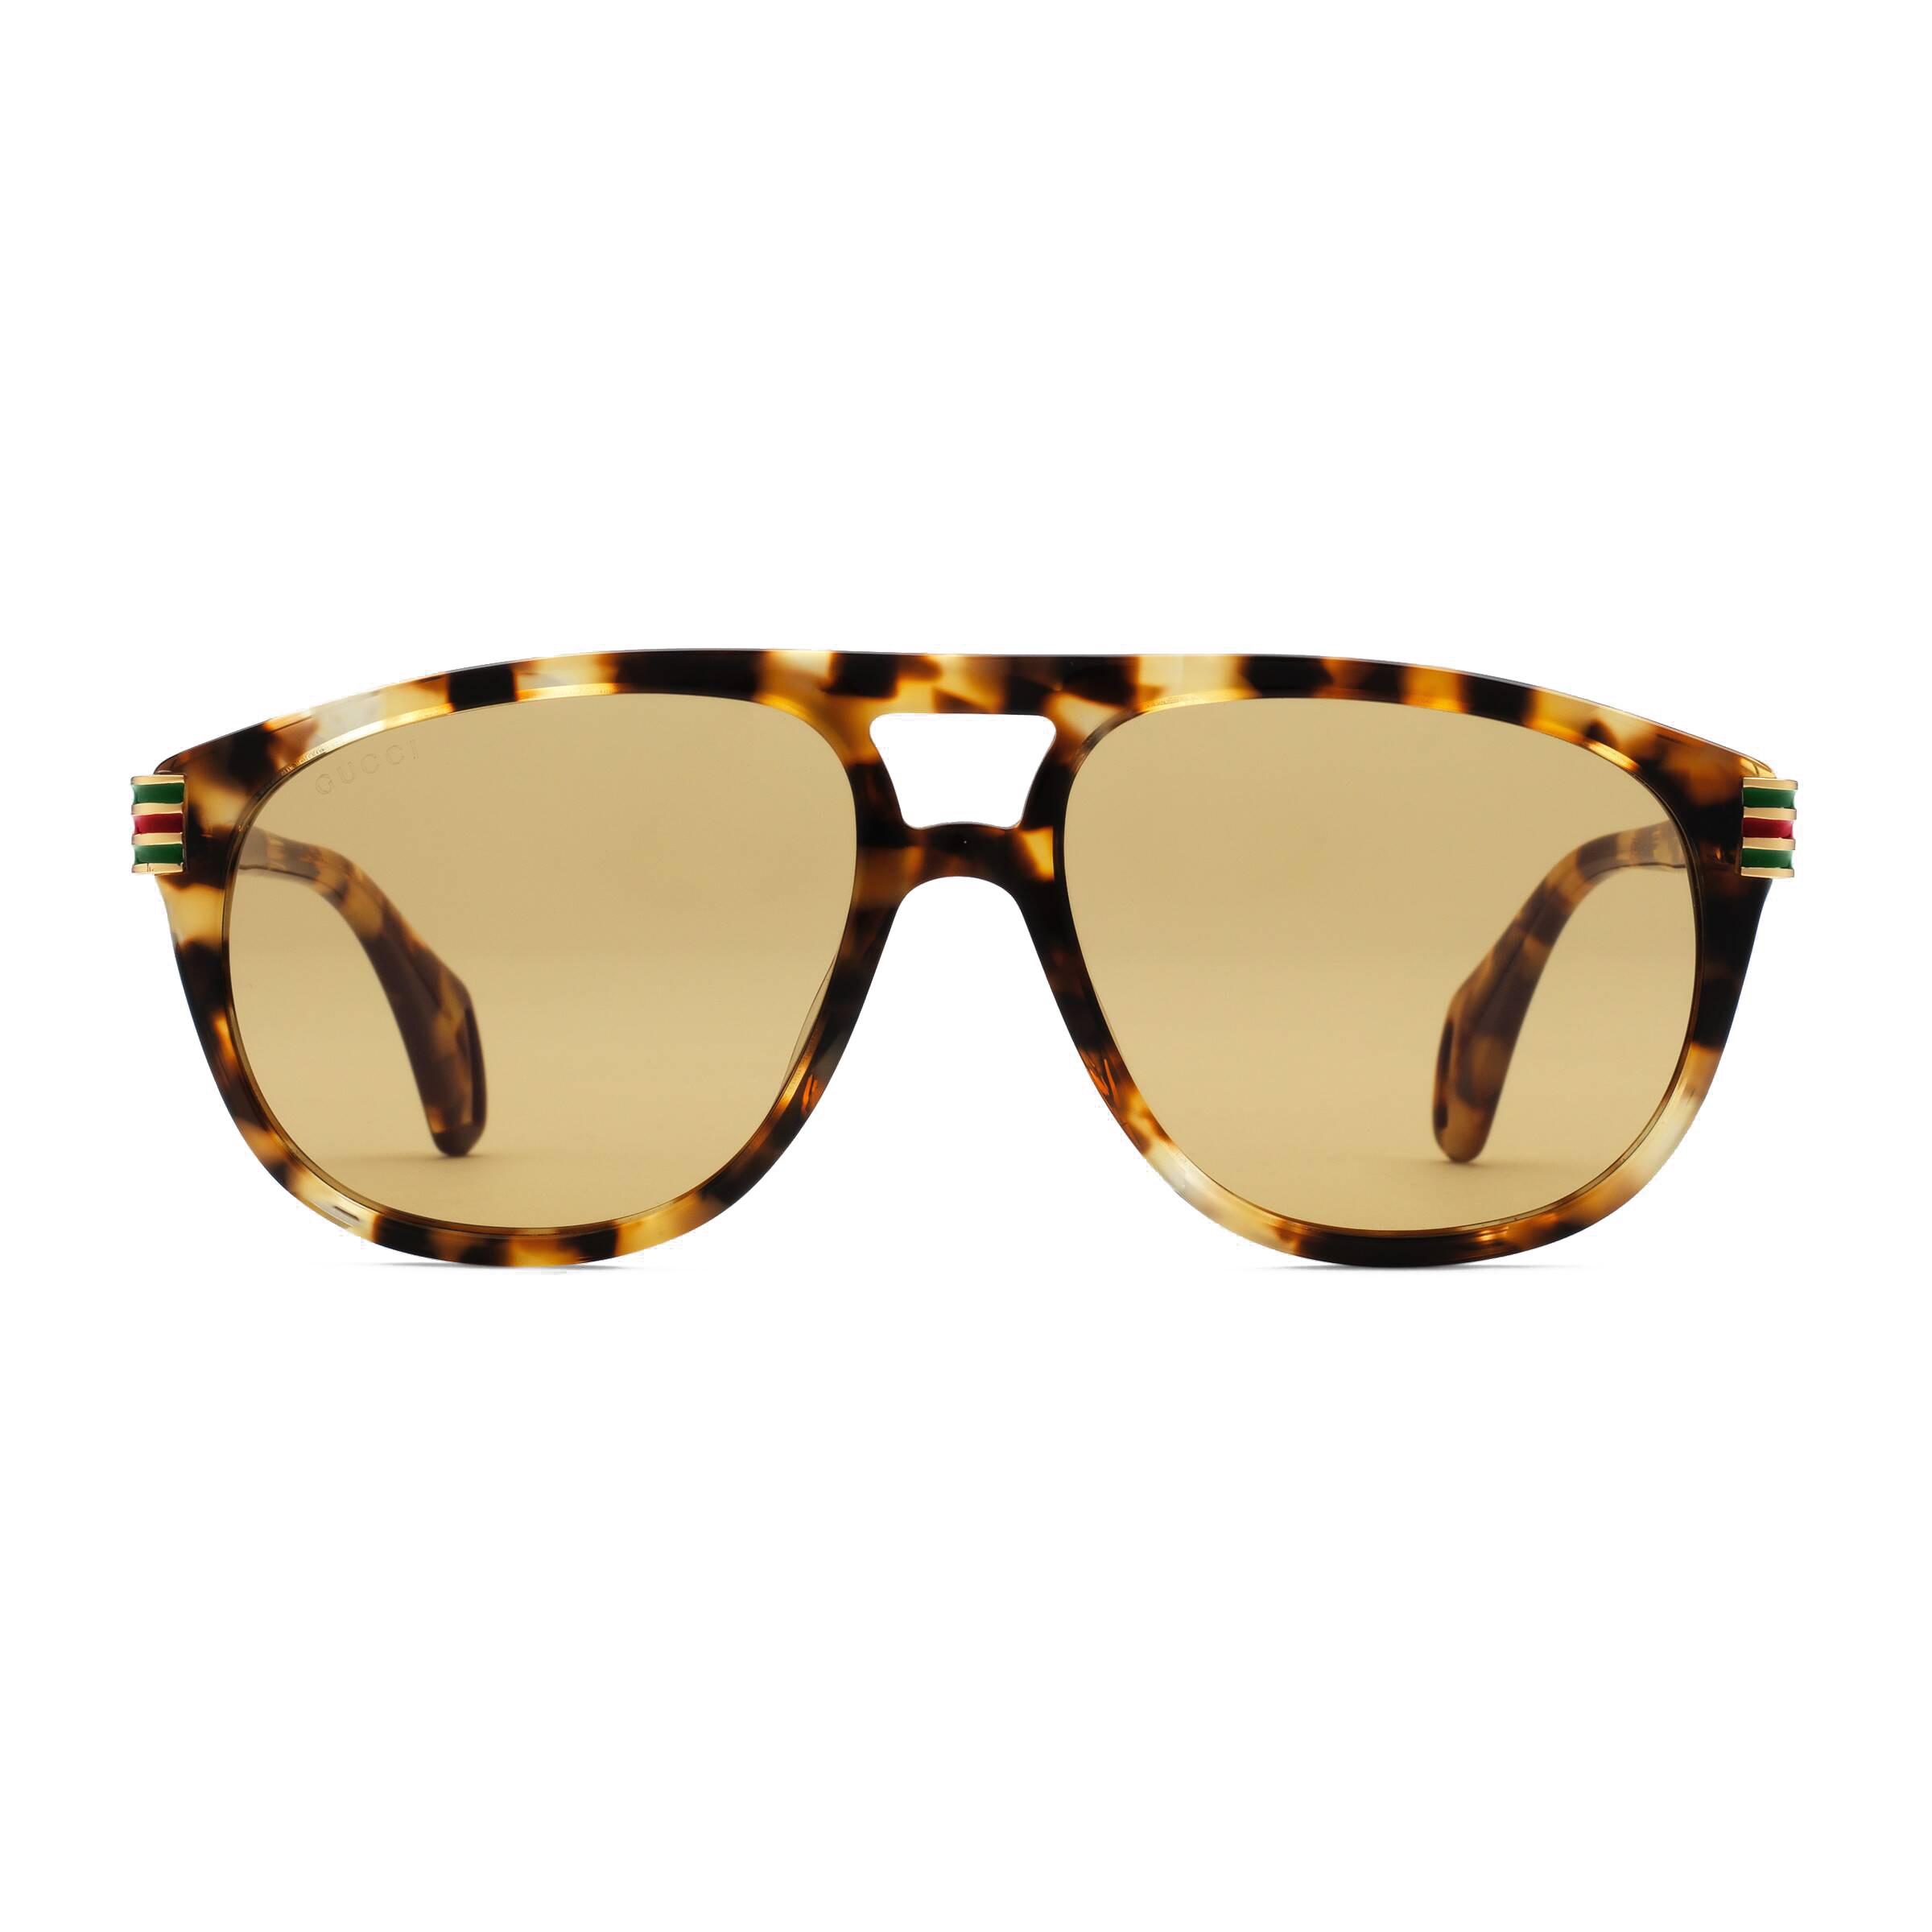 b8e9e39f Gucci - Aviator Sunglassed with Web Enamel - Turtle - Gucci ...